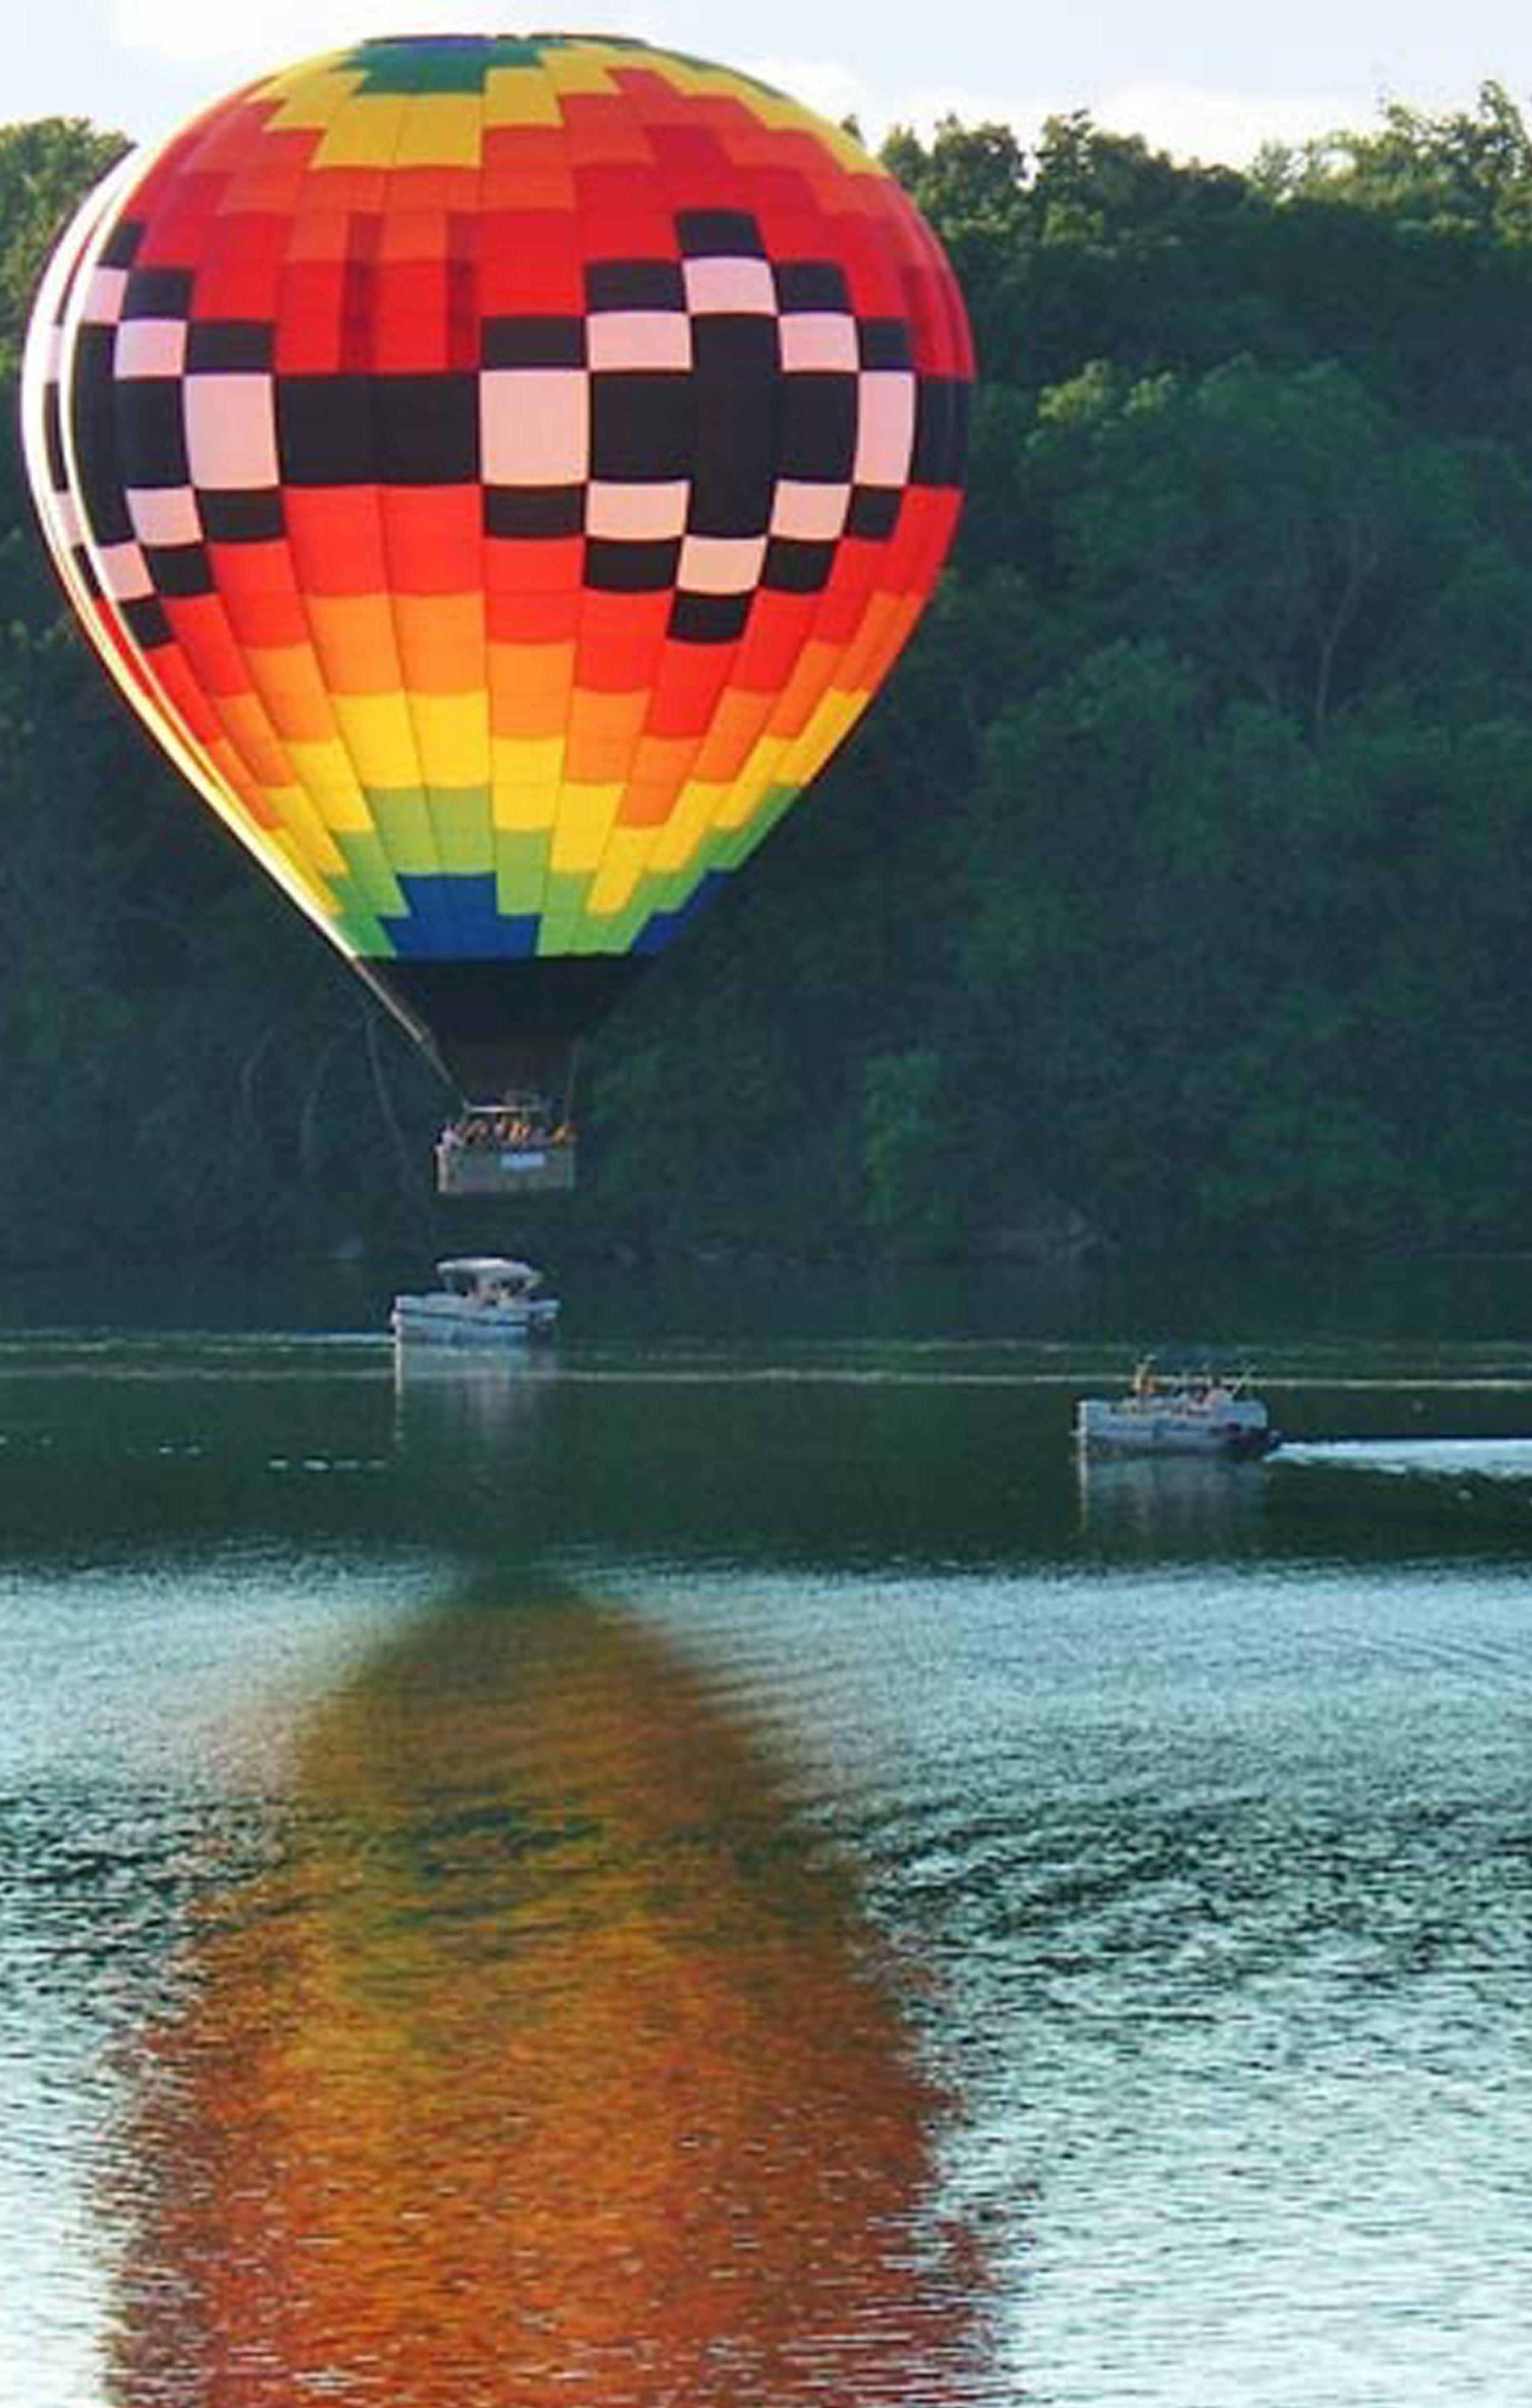 Stay at Eagle Ridge Resort & Spa in Galena, IL. Dates into